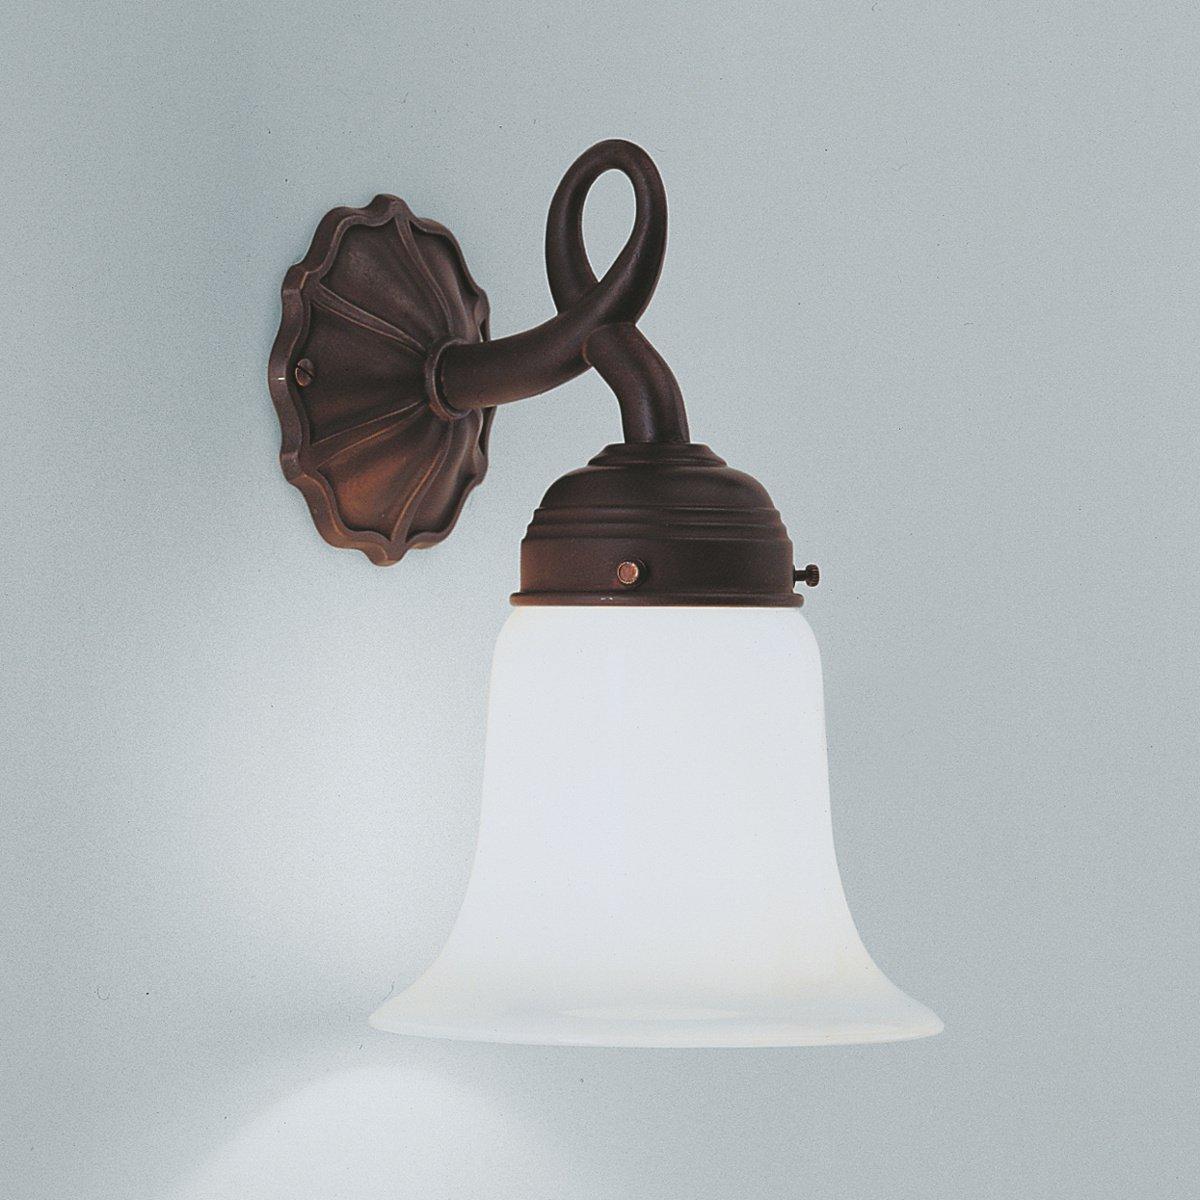 simon messing wandleuchte mit jugendstil ornamentik von berliner messinglampen. Black Bedroom Furniture Sets. Home Design Ideas